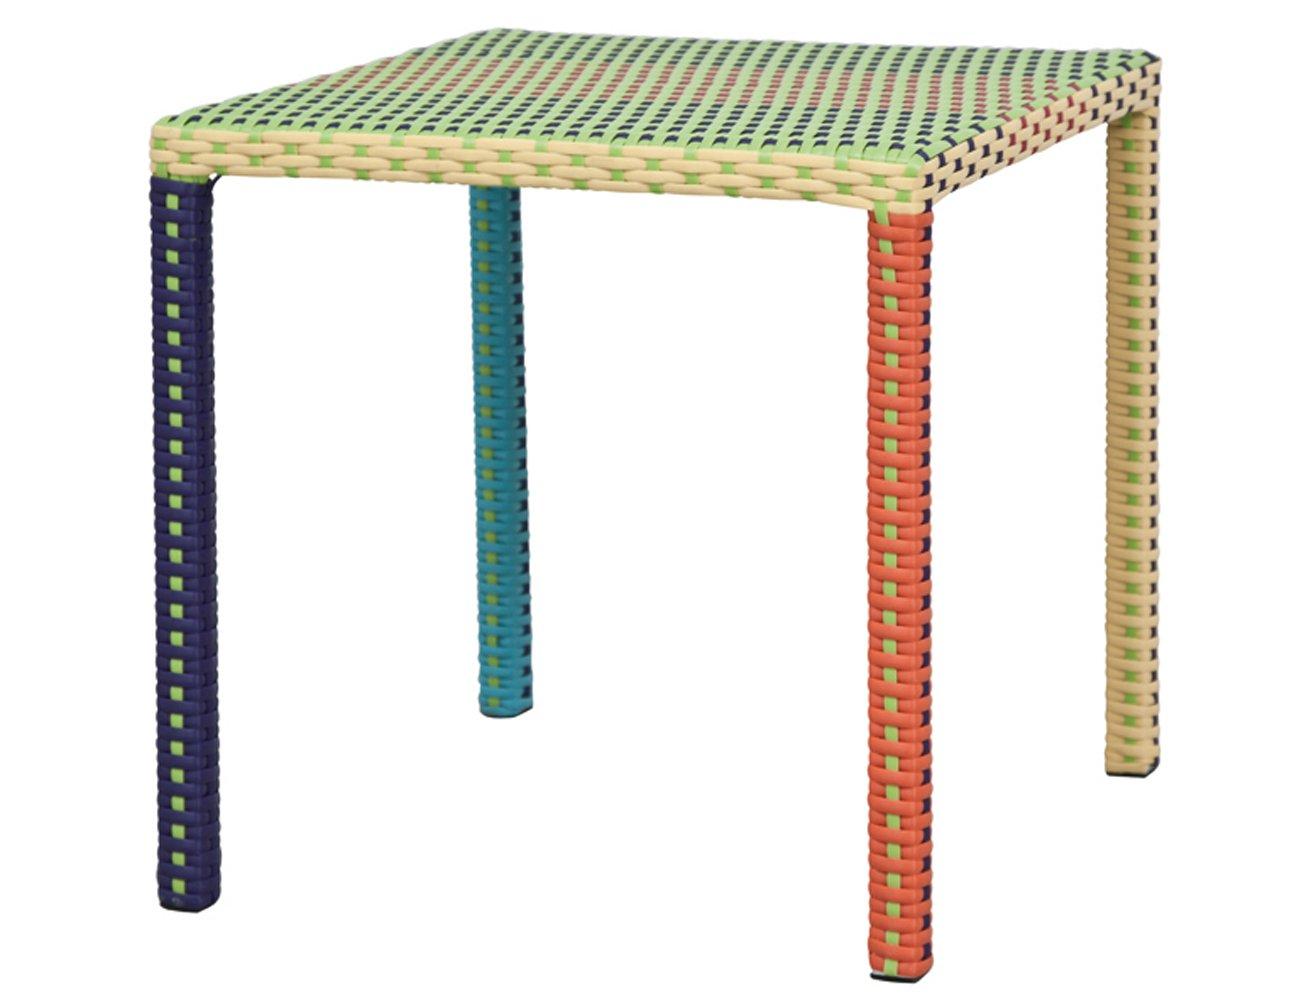 Siena Garden 925668 Kindertisch Mini Wien, Stahl-Untergestell, Gardino-Geflecht lila / orange, 46.5 x 46.5 x 50 cm günstig kaufen